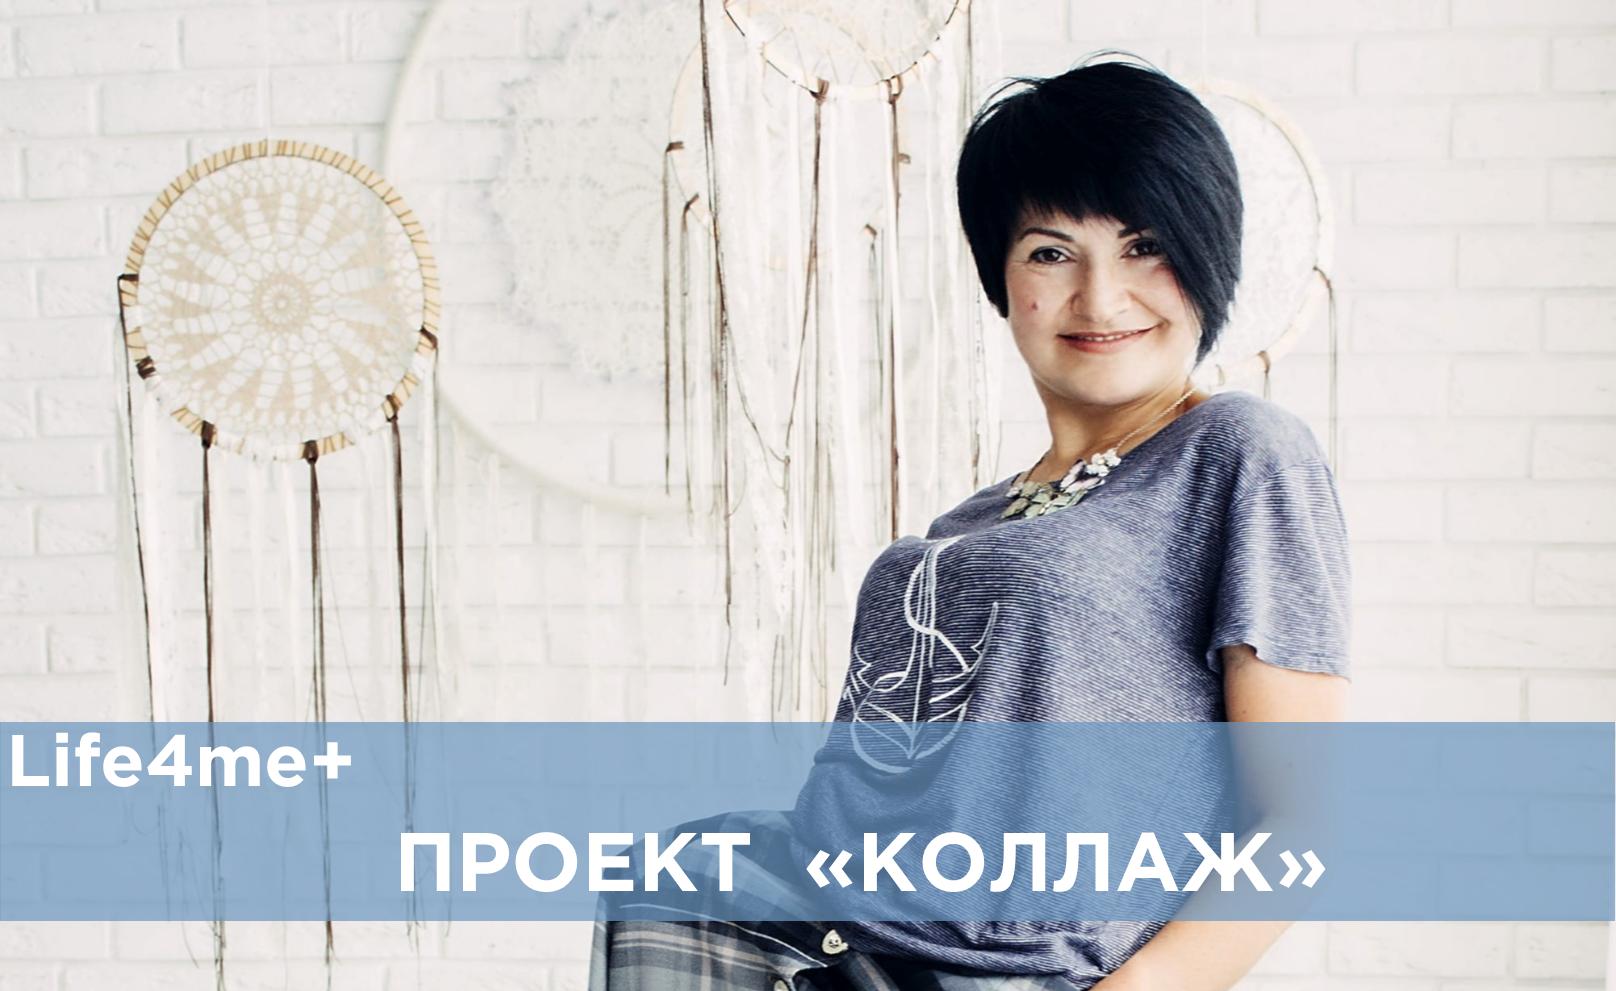 «Коллаж»: Людмила Коломоец, г. Днепр, Украина